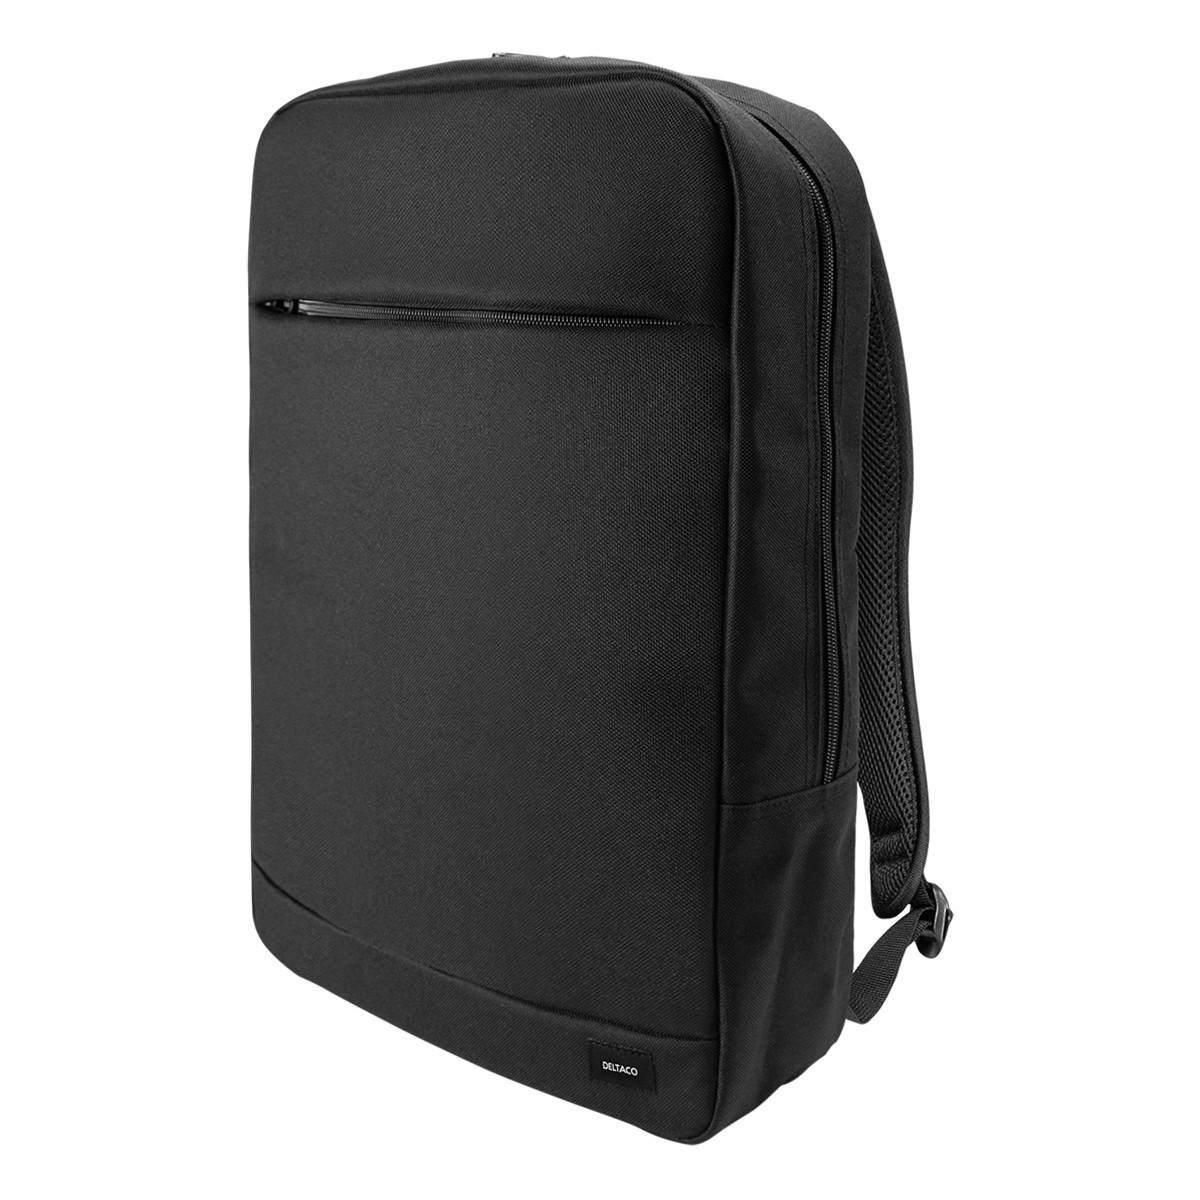 Deltaco Datorryggsäck för laptops upp till 15.6 tum, svart